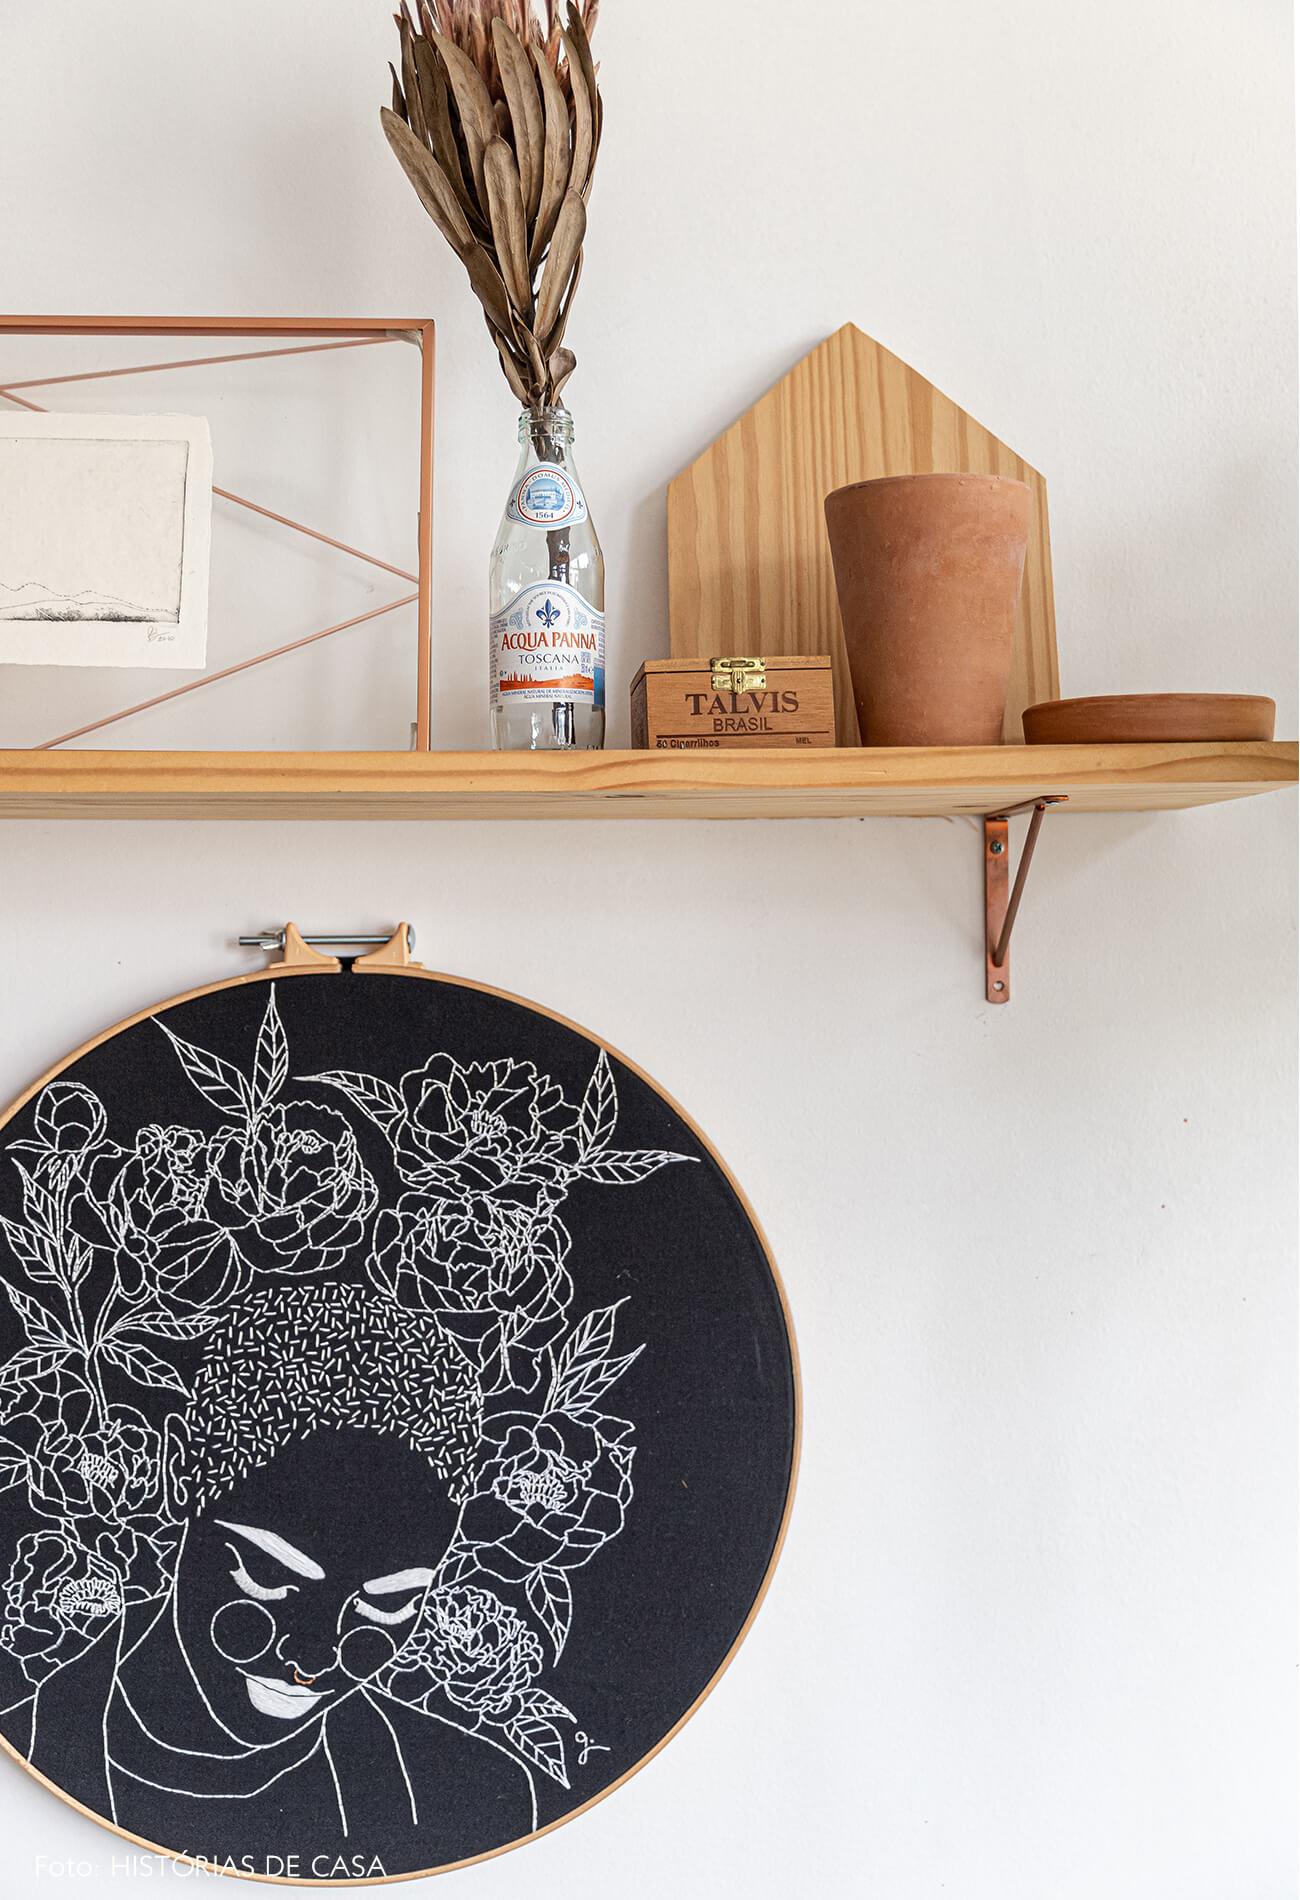 detalhe-da-decoração-comestante-de-madeira-e-bastidor-bordado